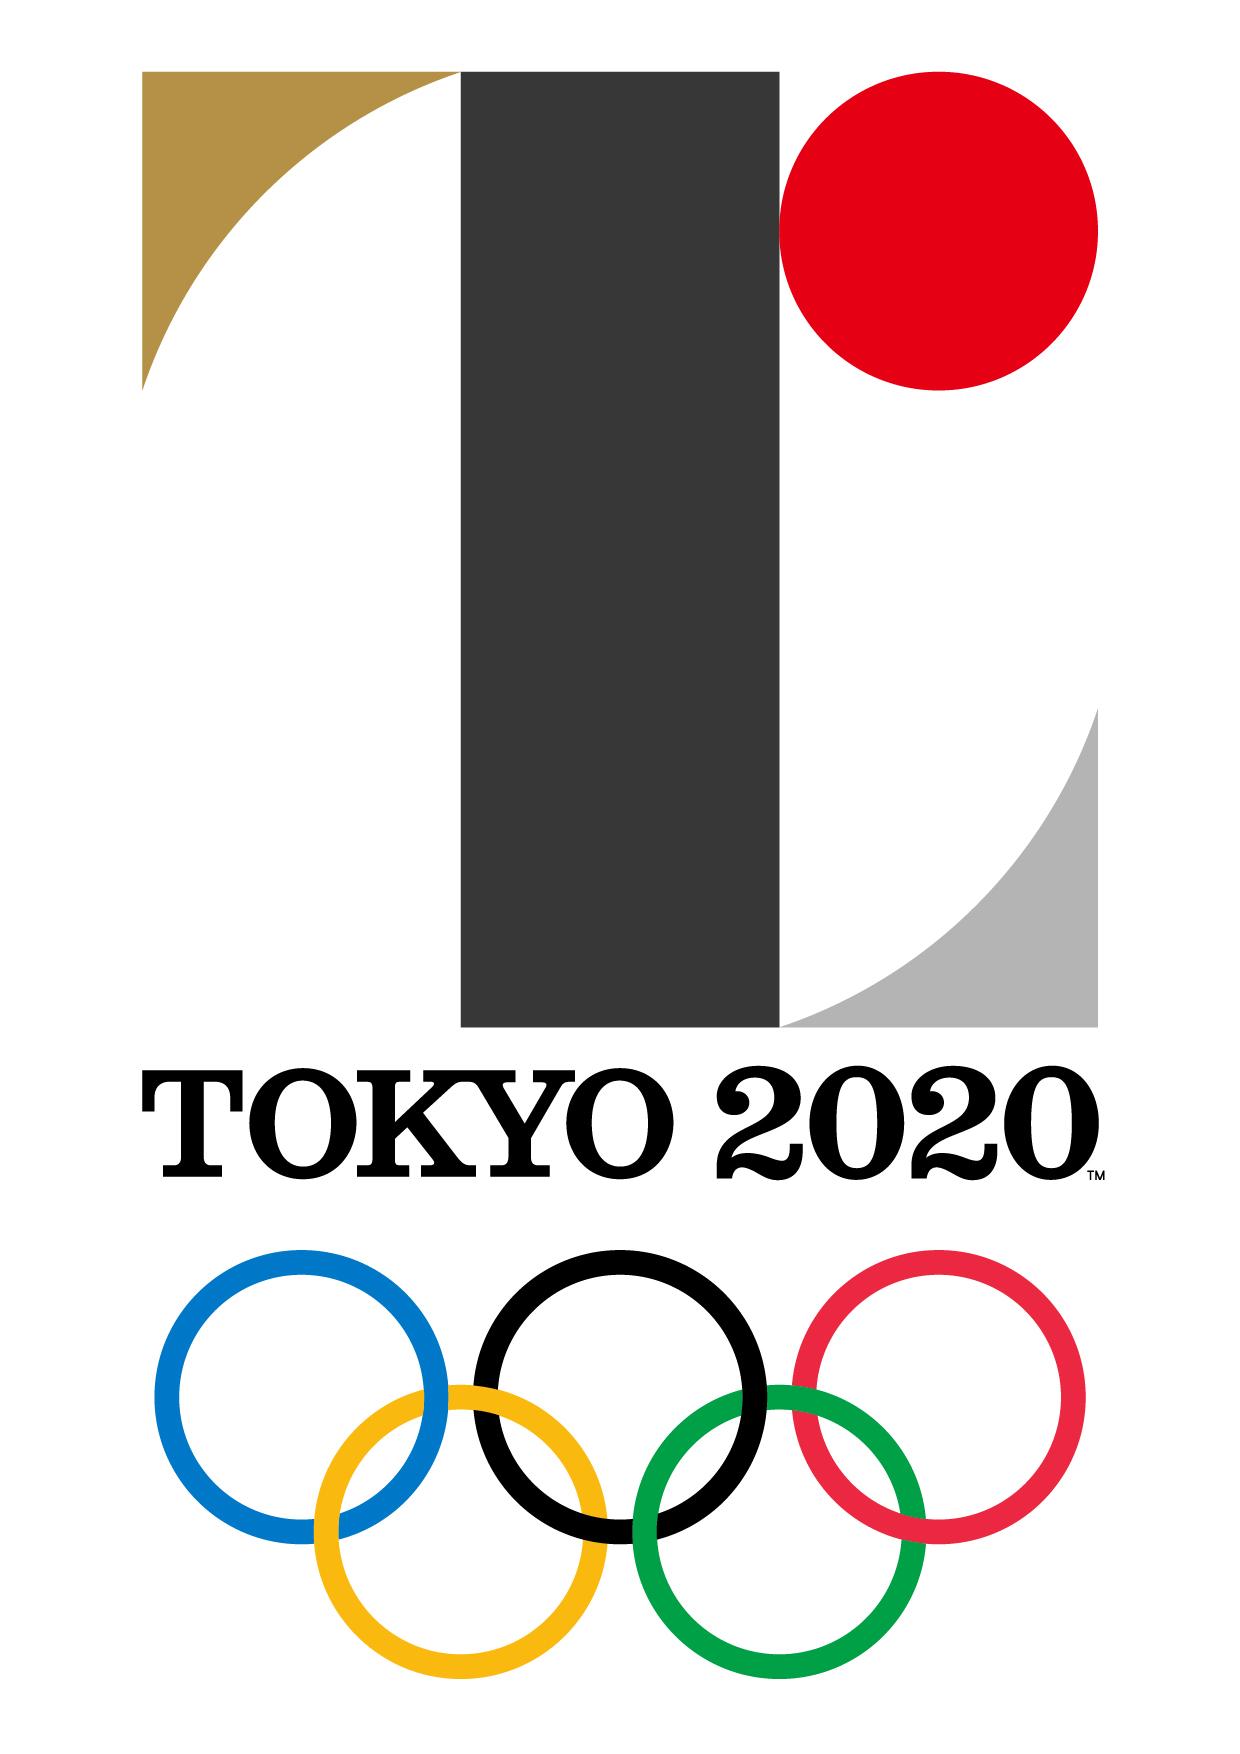 東京五輪エンブレムのパクリ疑惑